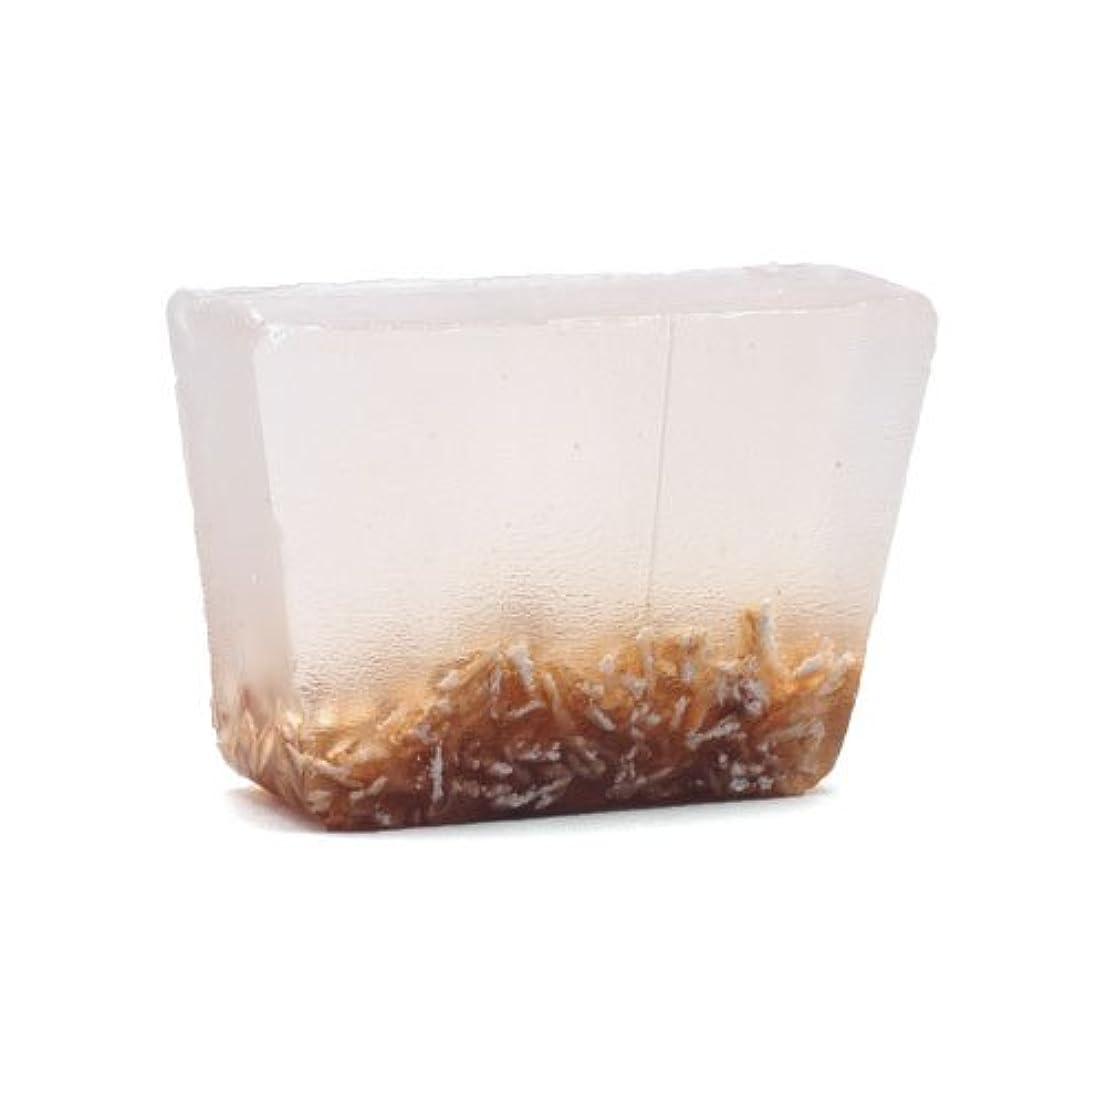 マンハッタンオーロックベストプライモールエレメンツ アロマティック ミニソープ ラベンダーオートミール 80g 植物性 ナチュラル 石鹸 無添加